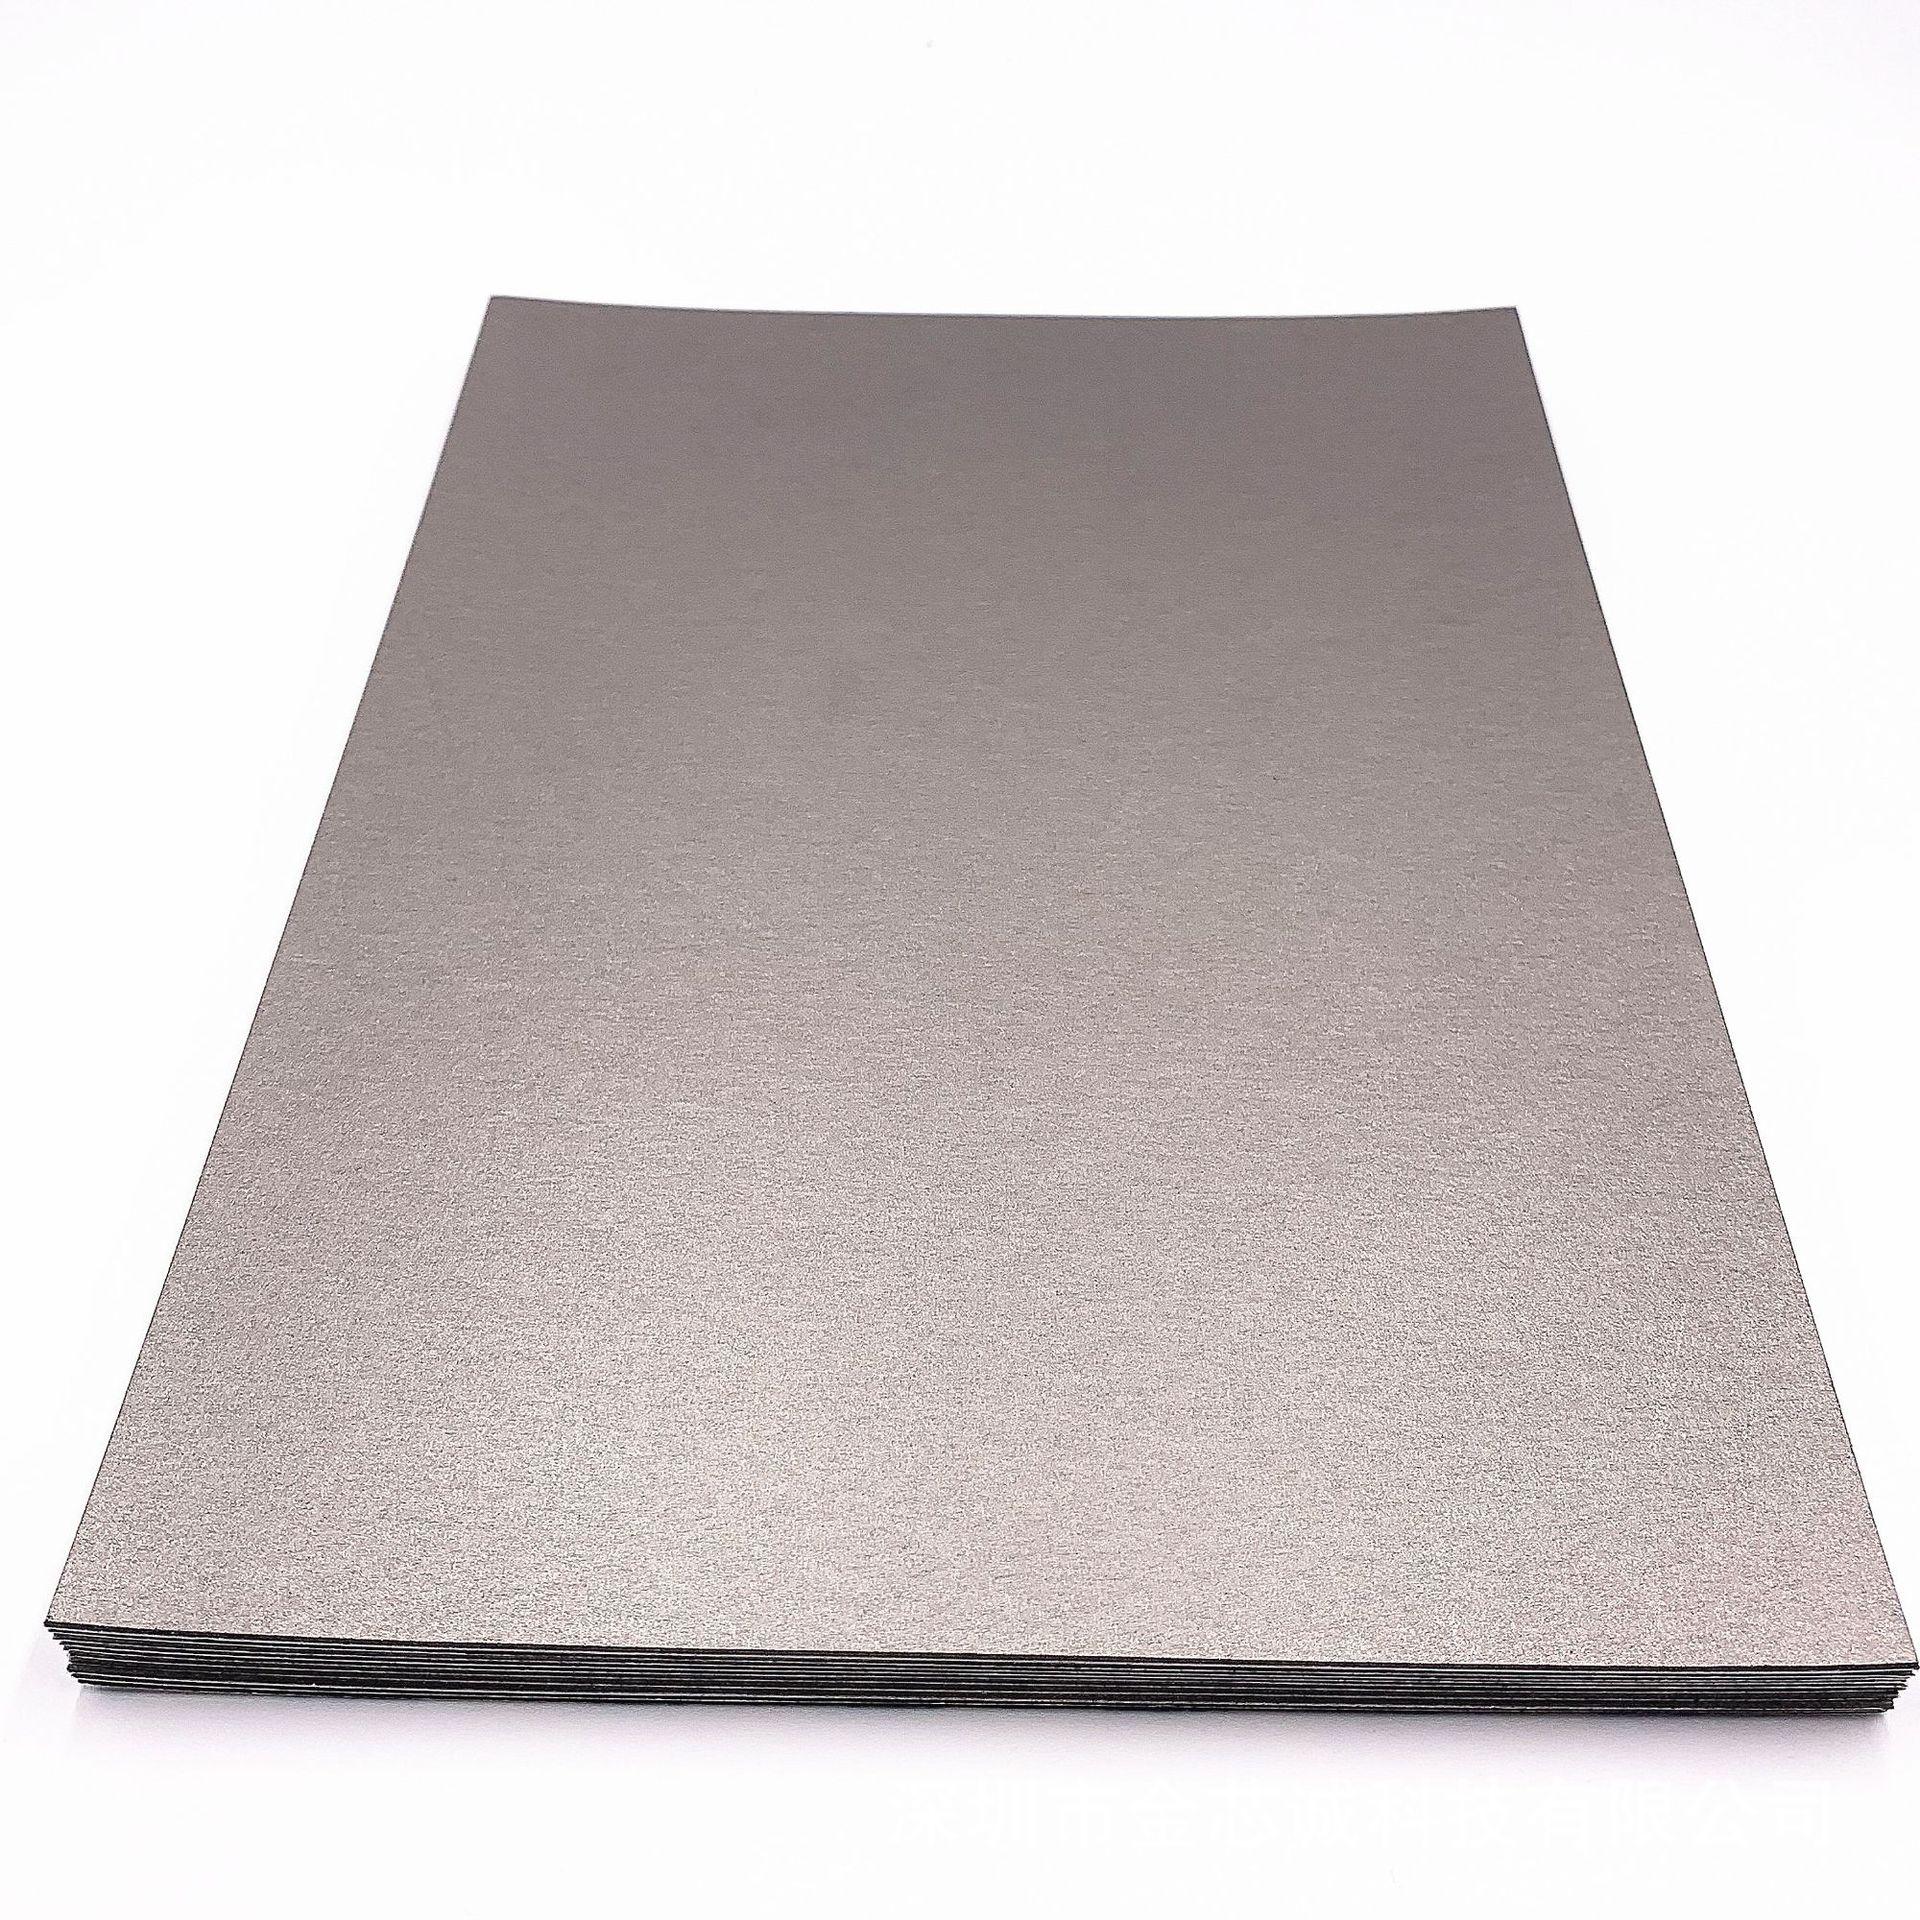 GXC Nguyên liệu sản xuất điện tử Vật liệu hấp thụ nhãn điện tử Vật liệu chống nhiễu NFC / RFID vật l